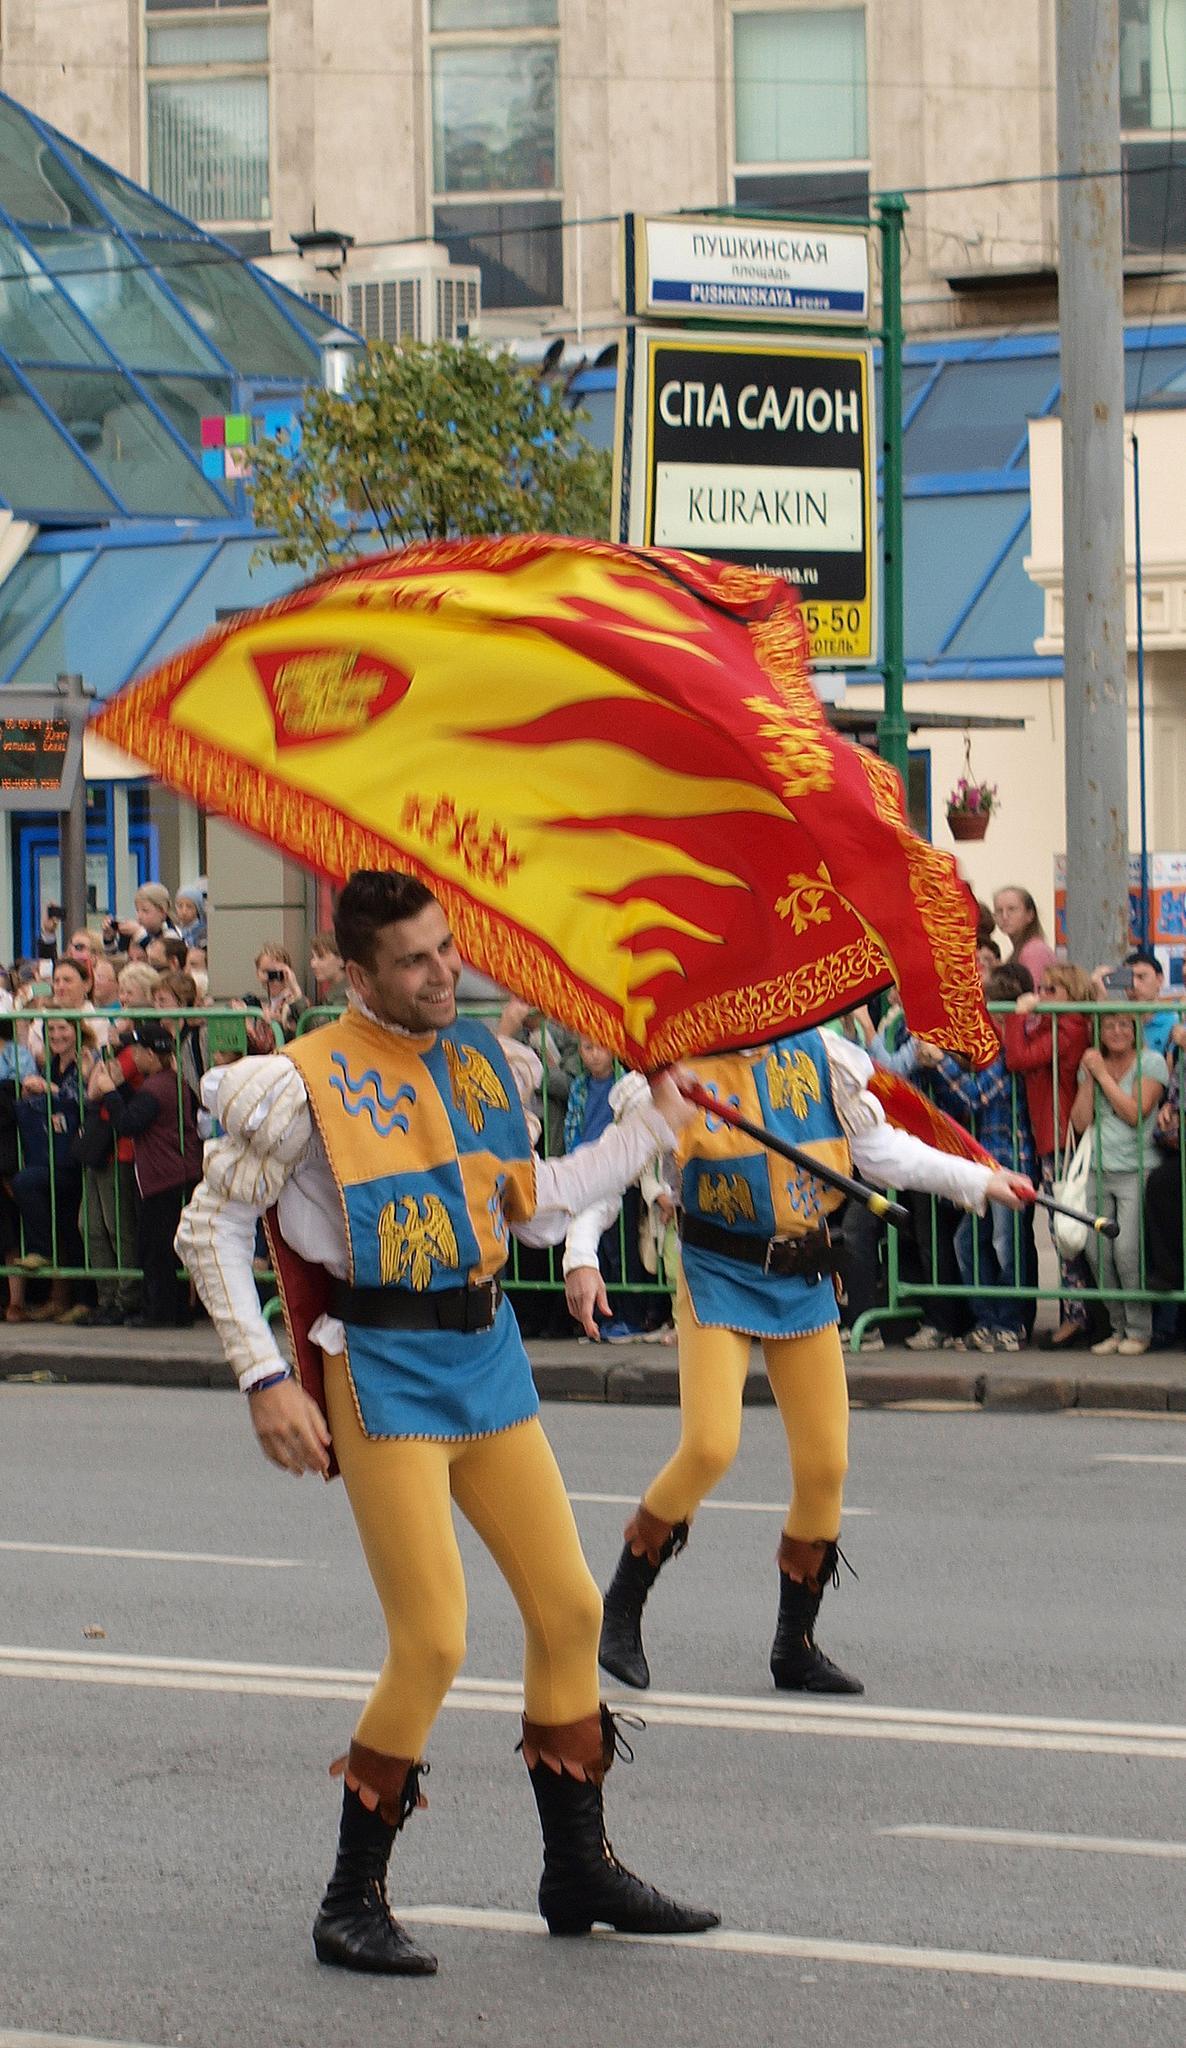 Итальянские флагоносцы. Жонглирование флагами. Фотография Малец Михаила Георгиевича